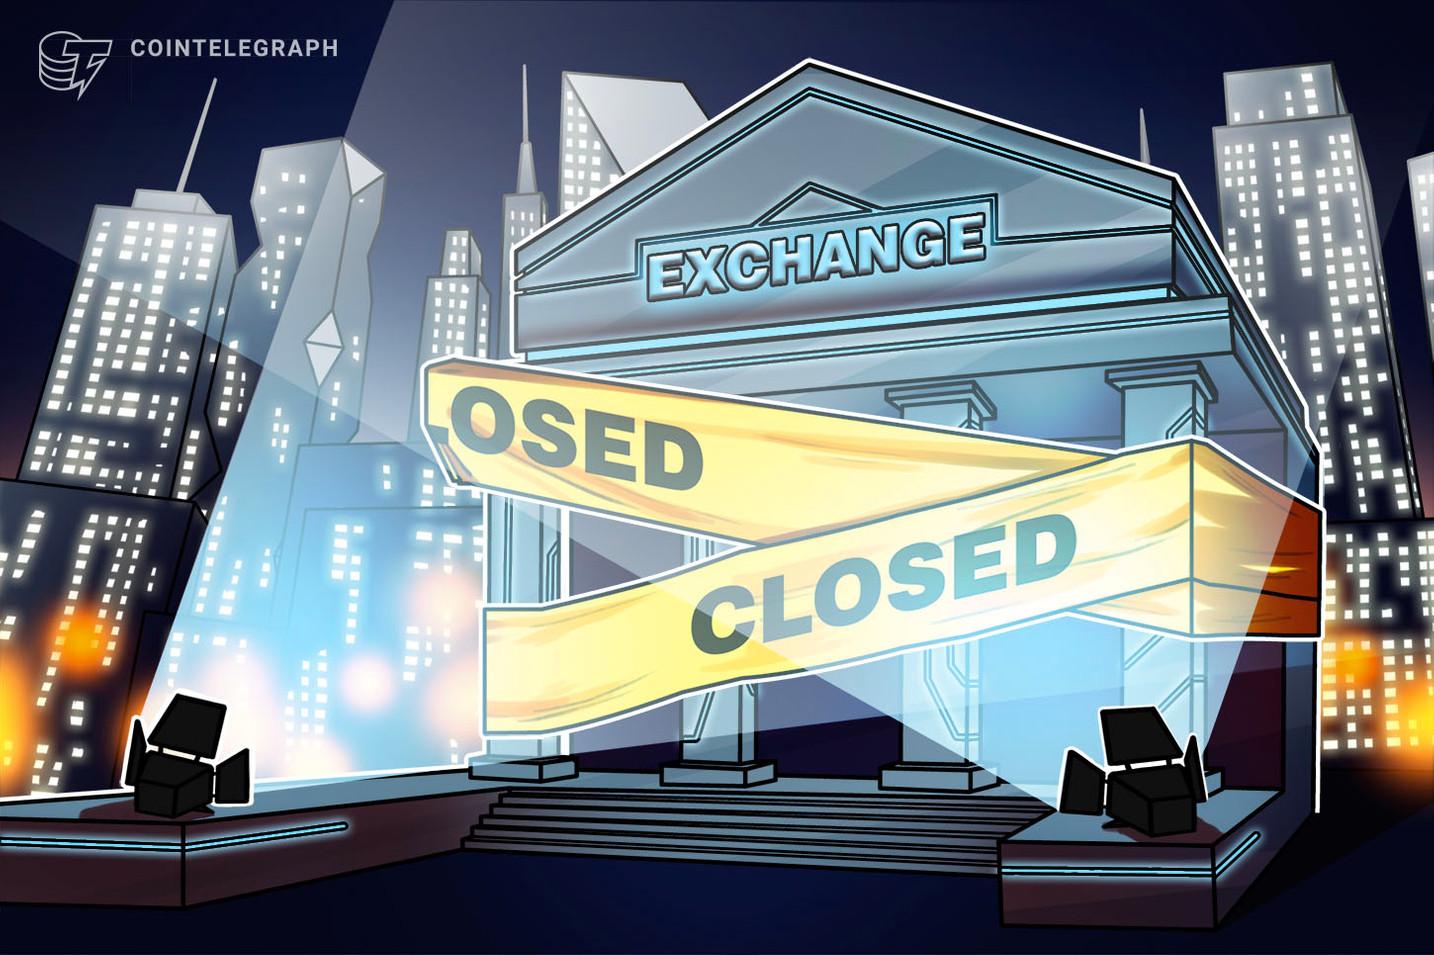 Exchange di criptovalute Hotbit chiuso per manutenzione dopo un tentato hack